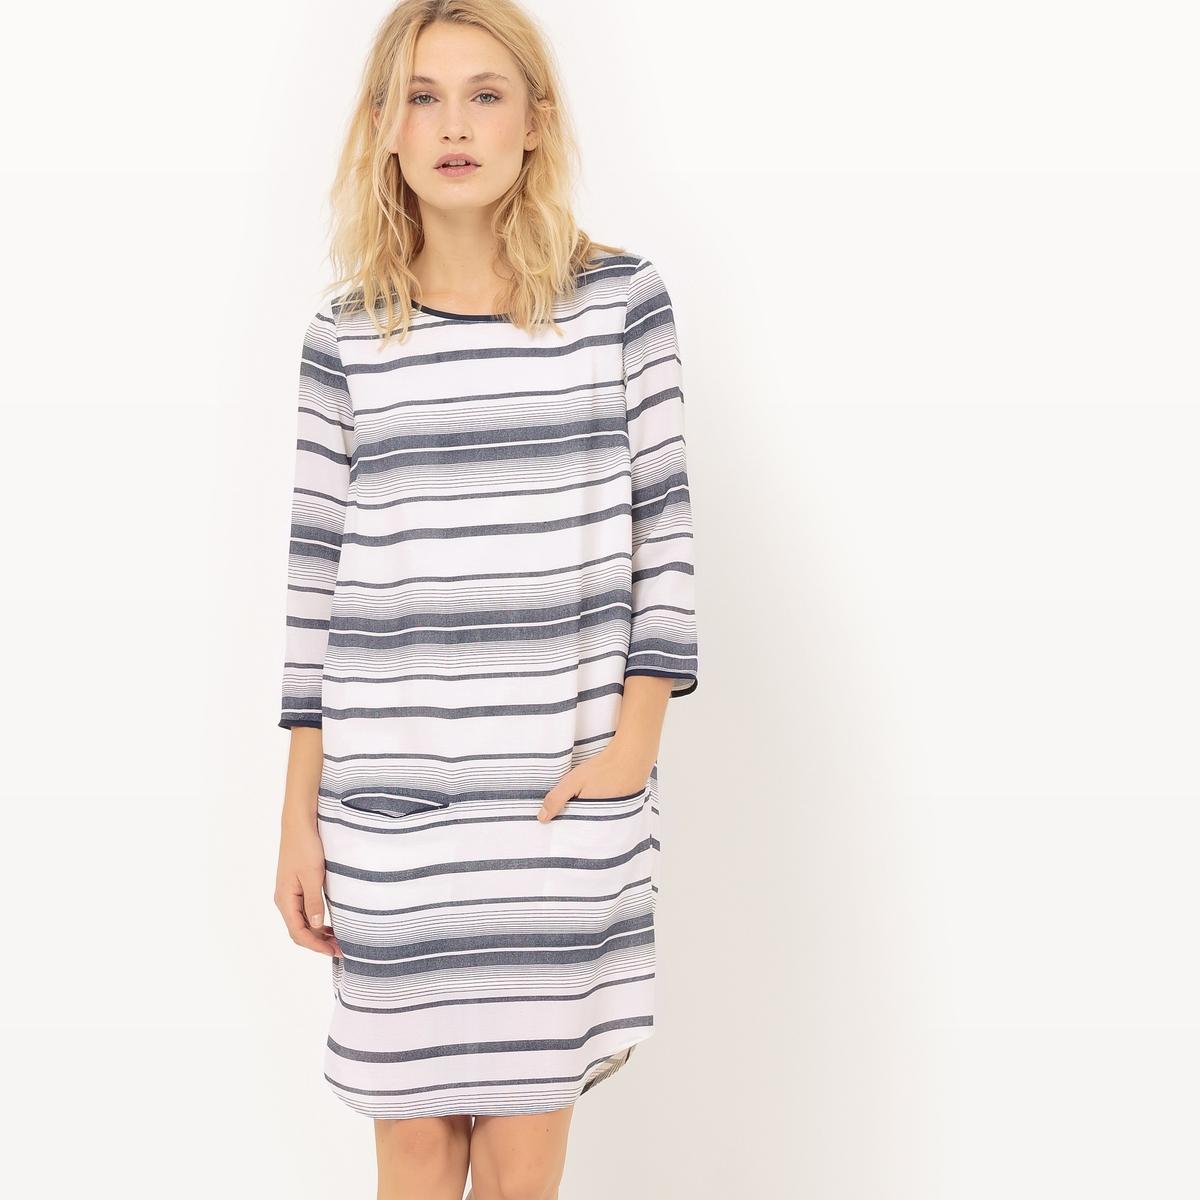 все цены на Платье в полоску с длинными рукавами в интернете